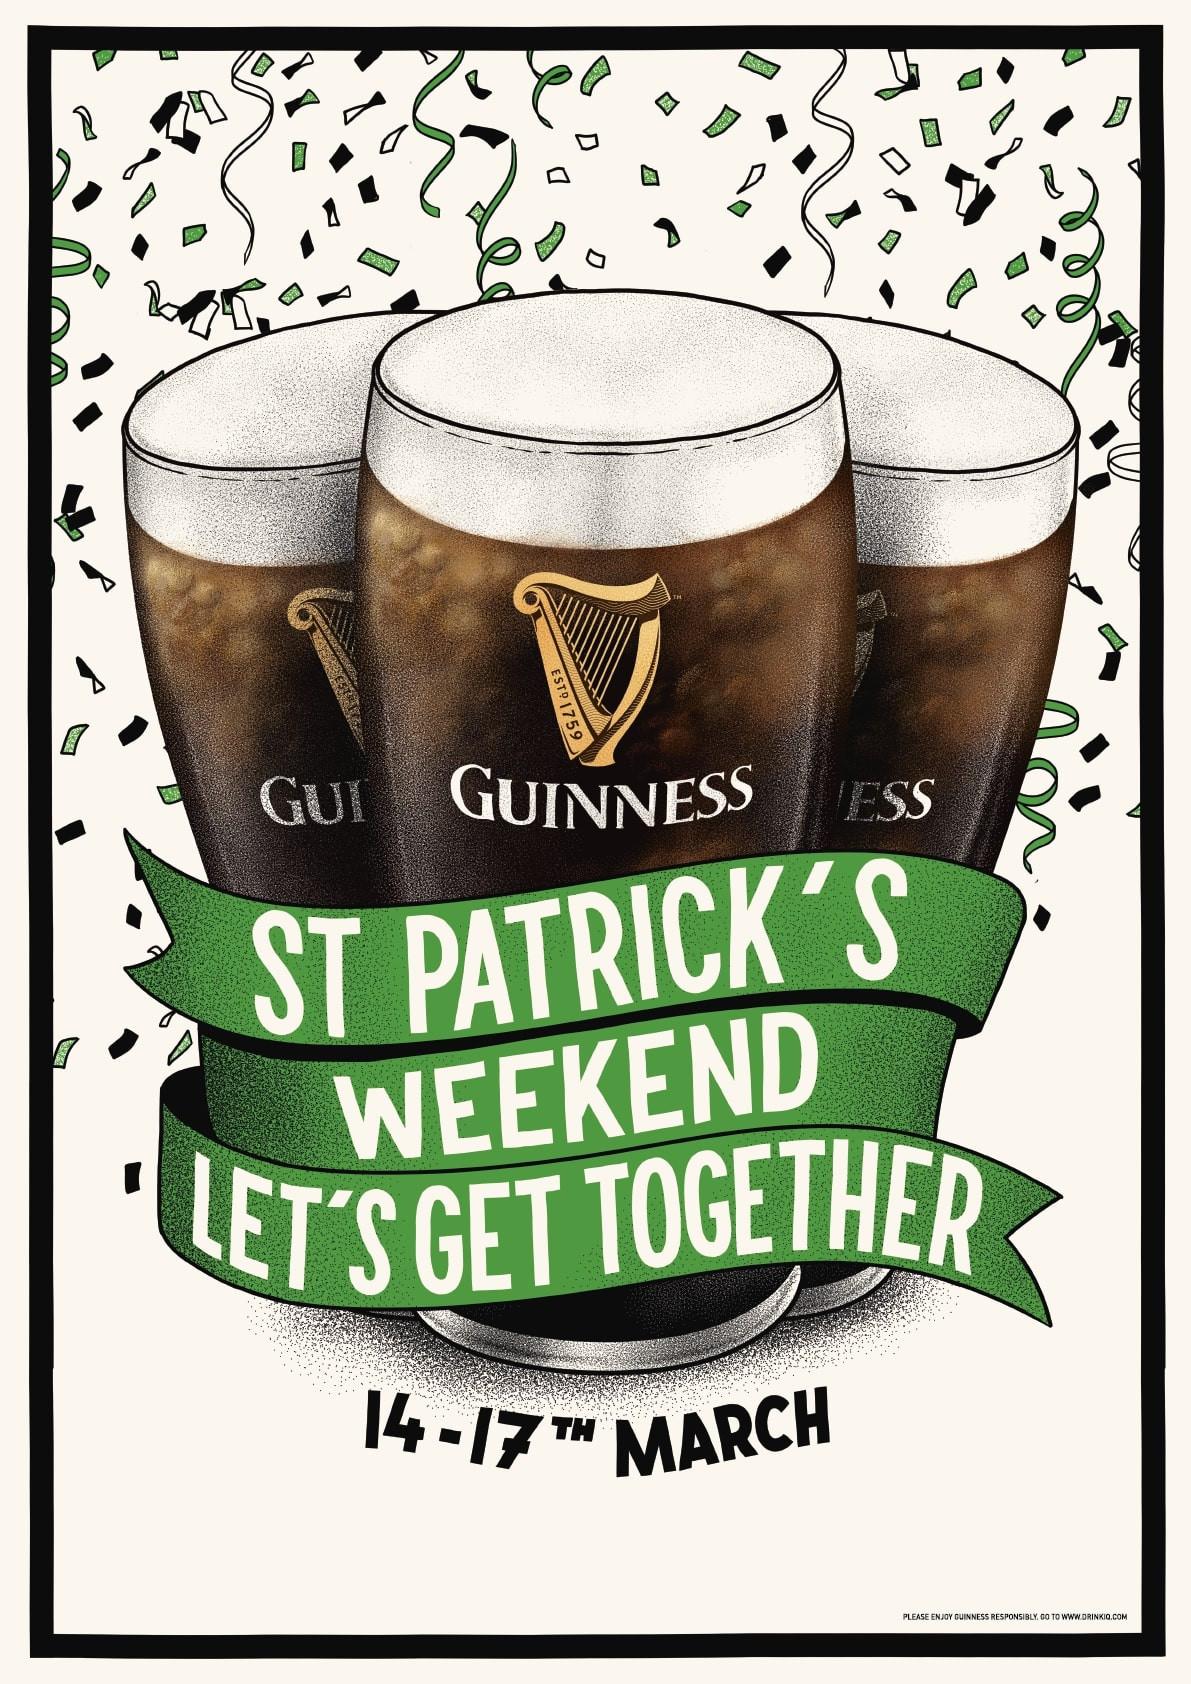 Guinness convida os amantes de cerveja a festejarem o Dia de St. Patrick